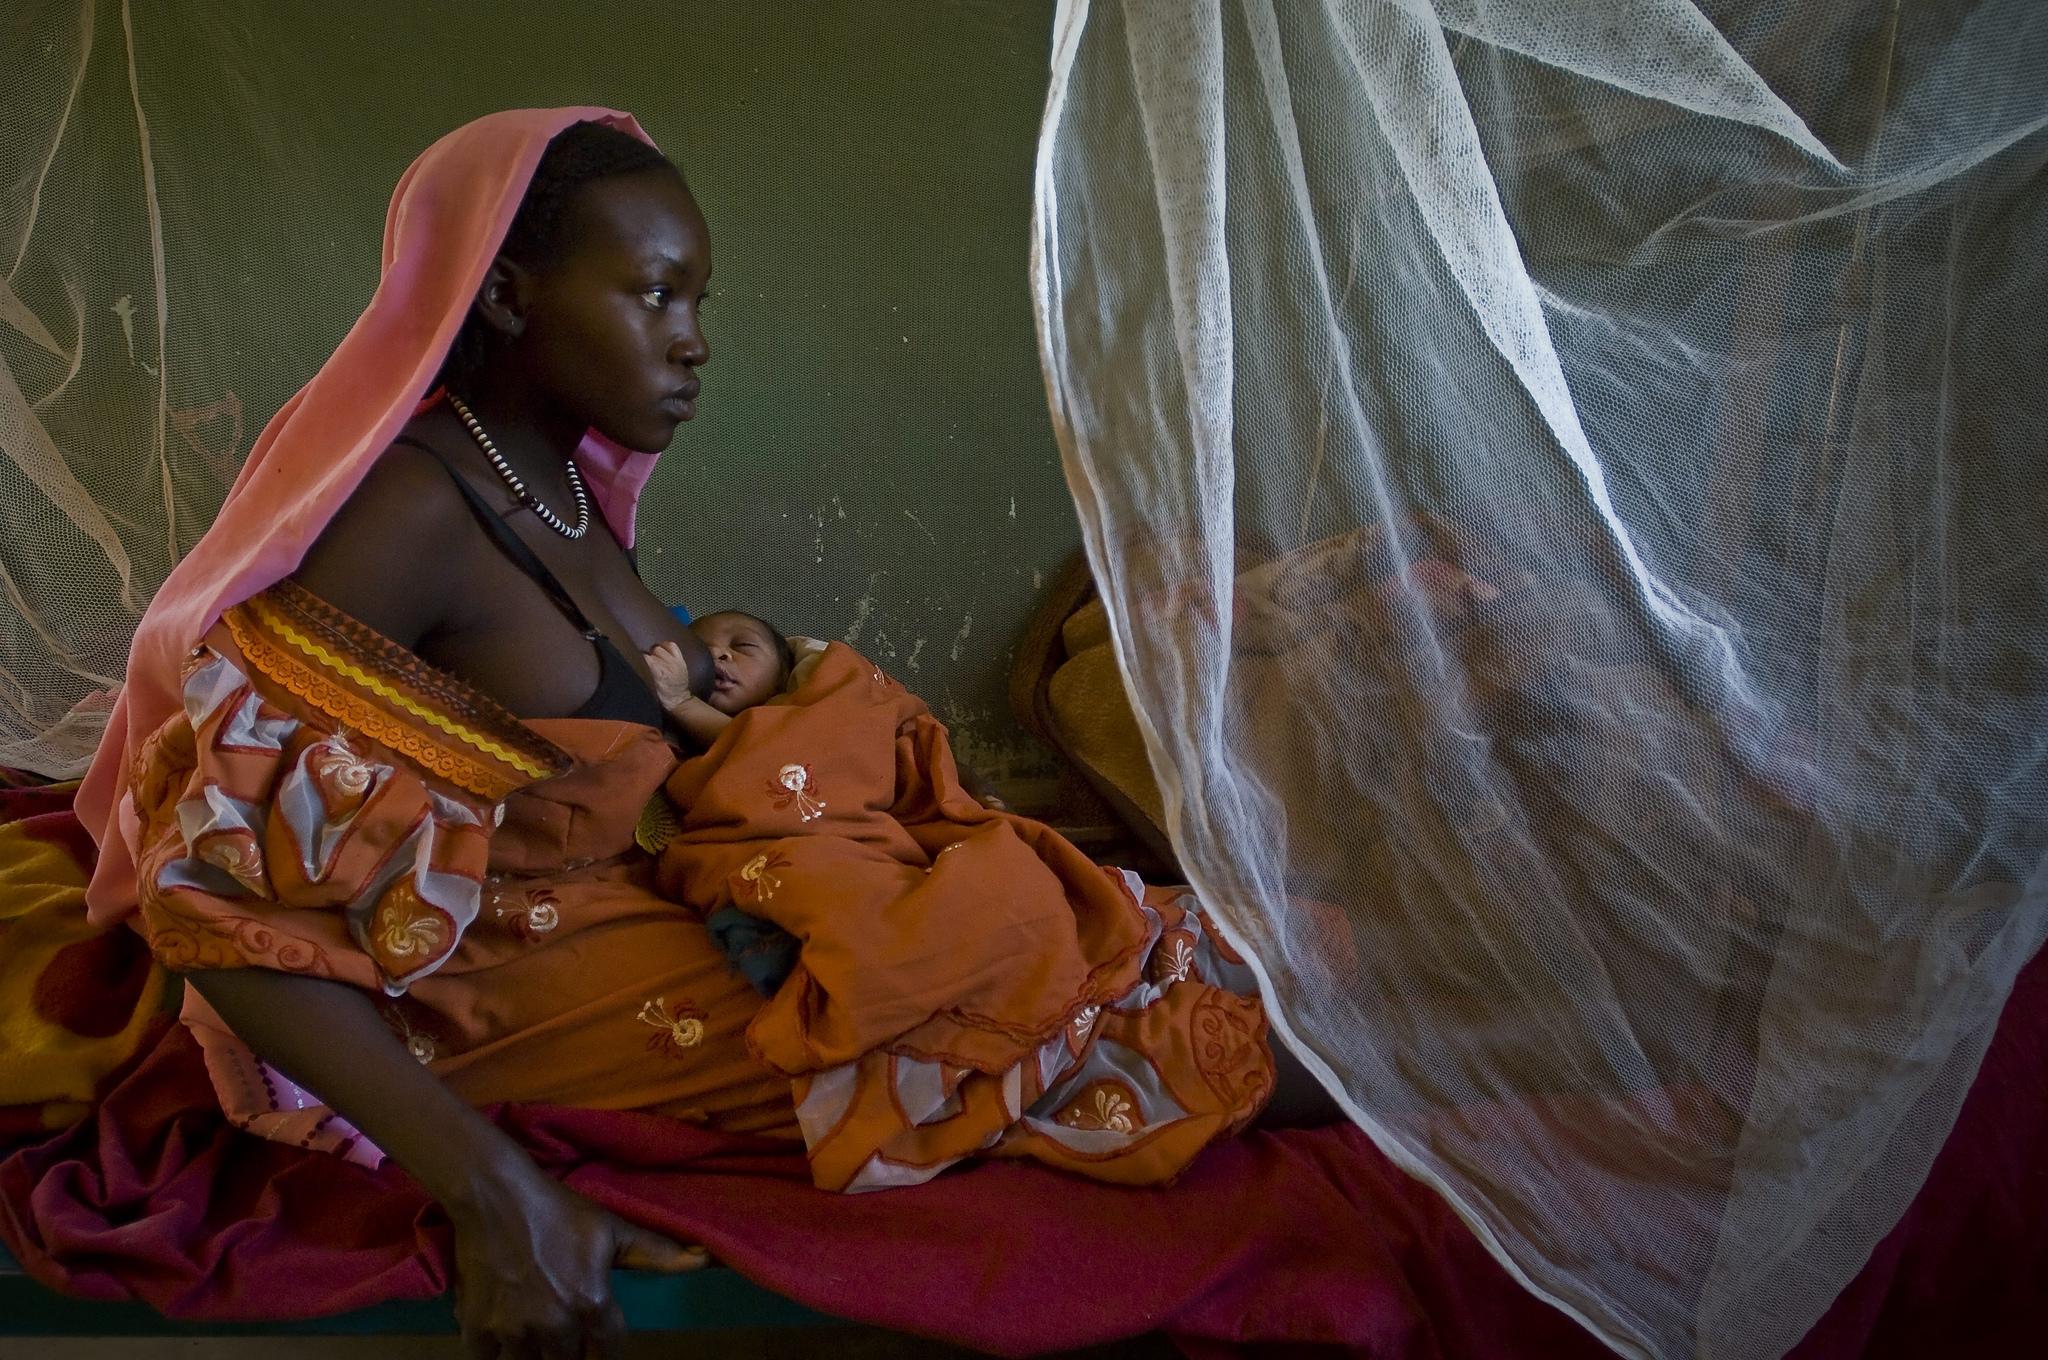 Regierungen der EU versagen beim Schutz weiblicher Flüchtlinge, mahnt Amnesty.